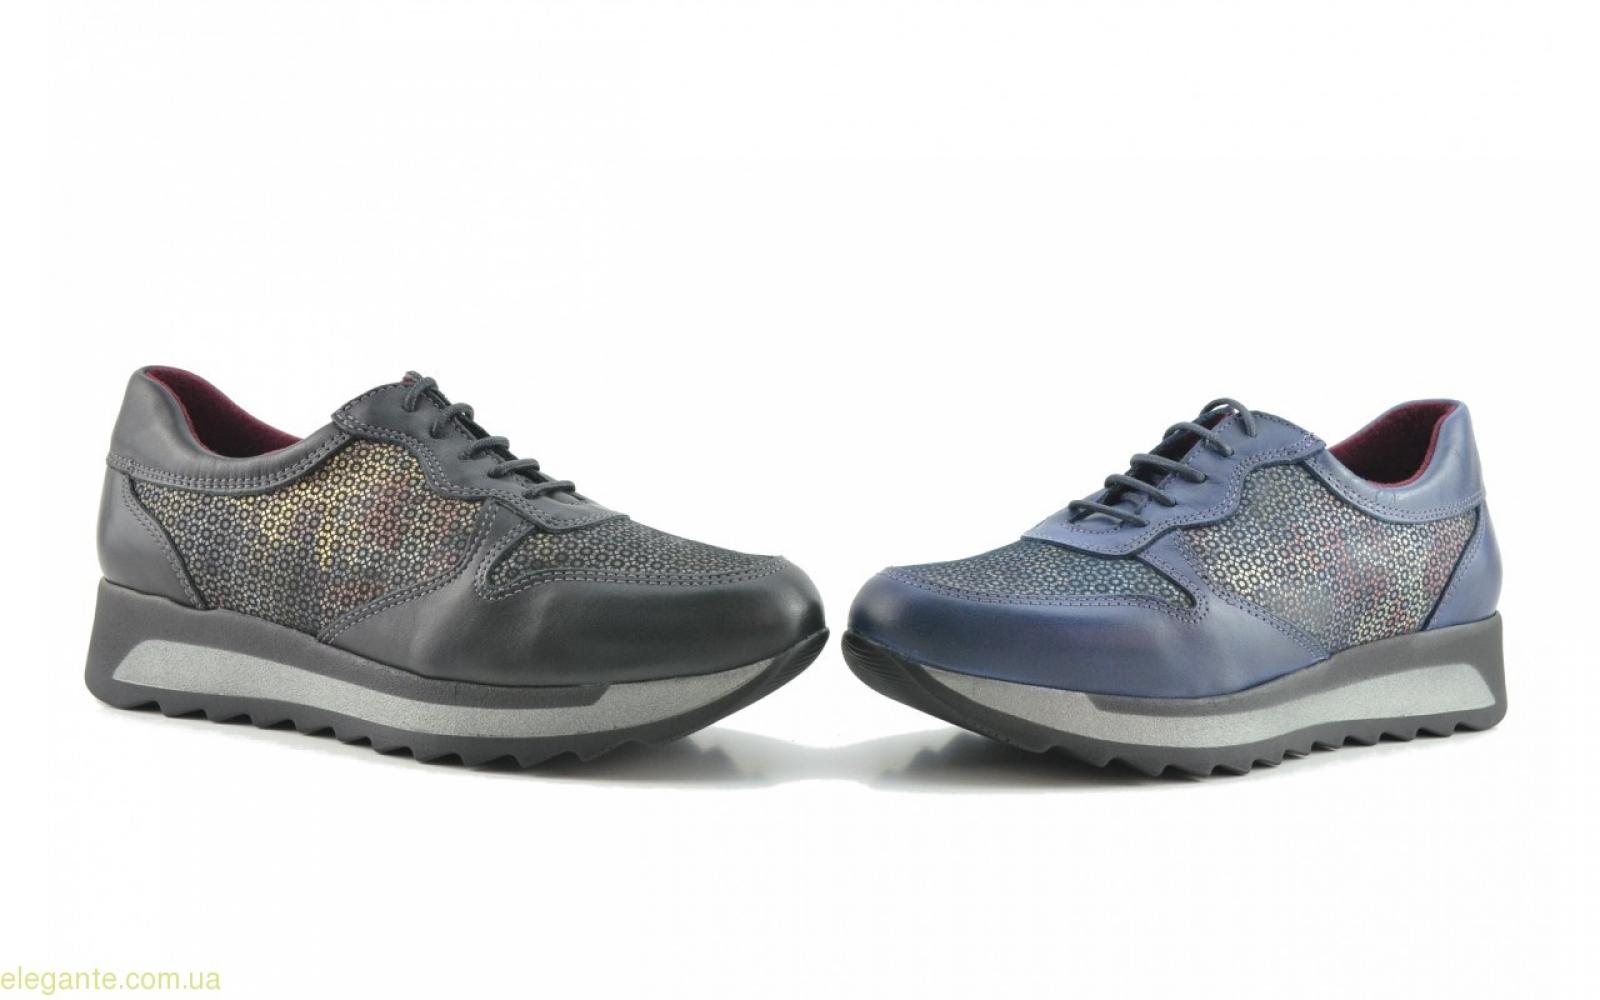 Жіночі кросівки DIGO DIGO〛— купити по ціні 1960 грн.➜ в інтернет ... d07077640f6e5